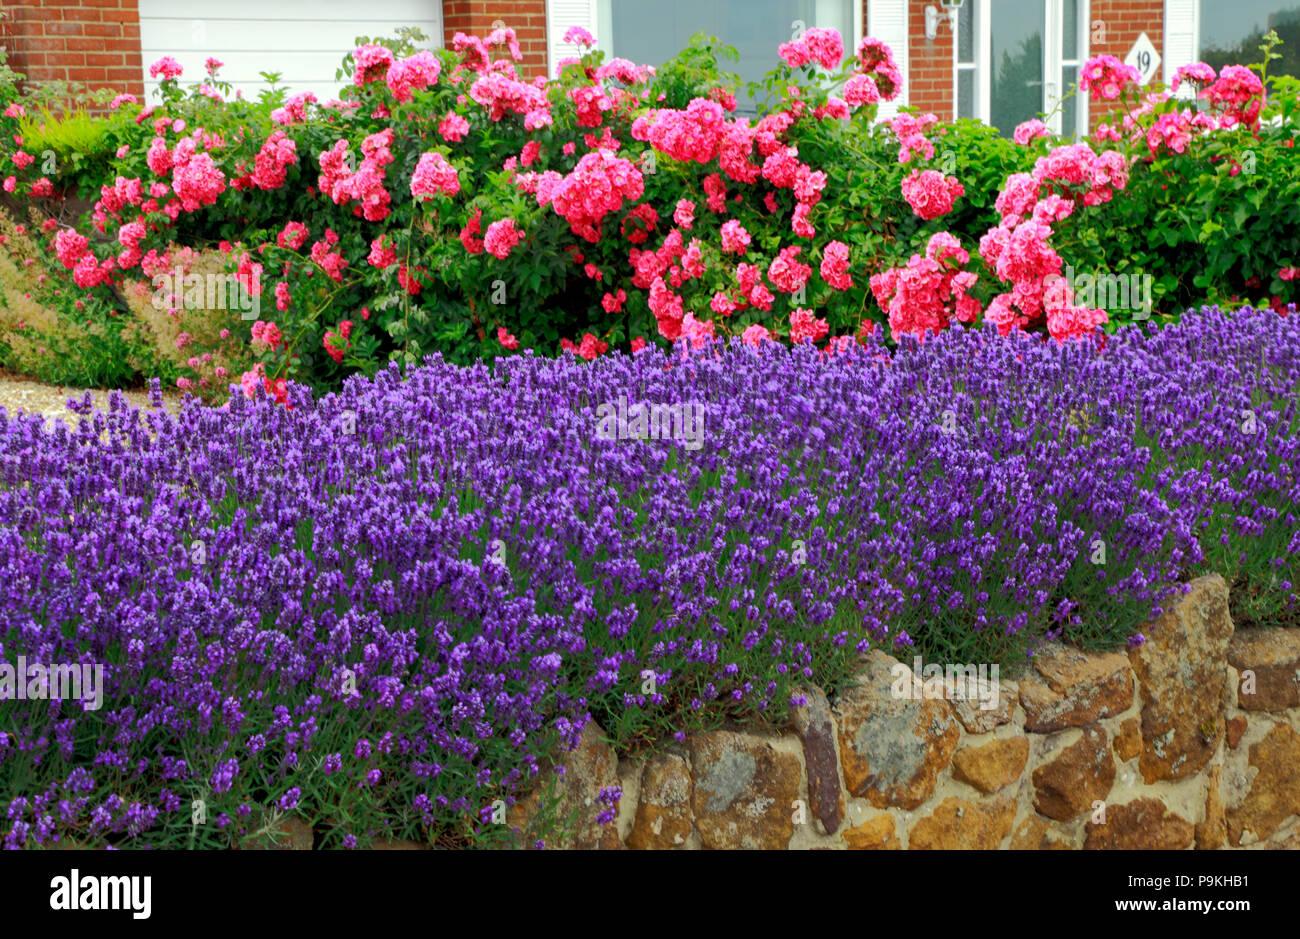 Top Blau, Violett, Lavendel, Rosen, Garten, Wand, Lavandula, Rosa #US_38